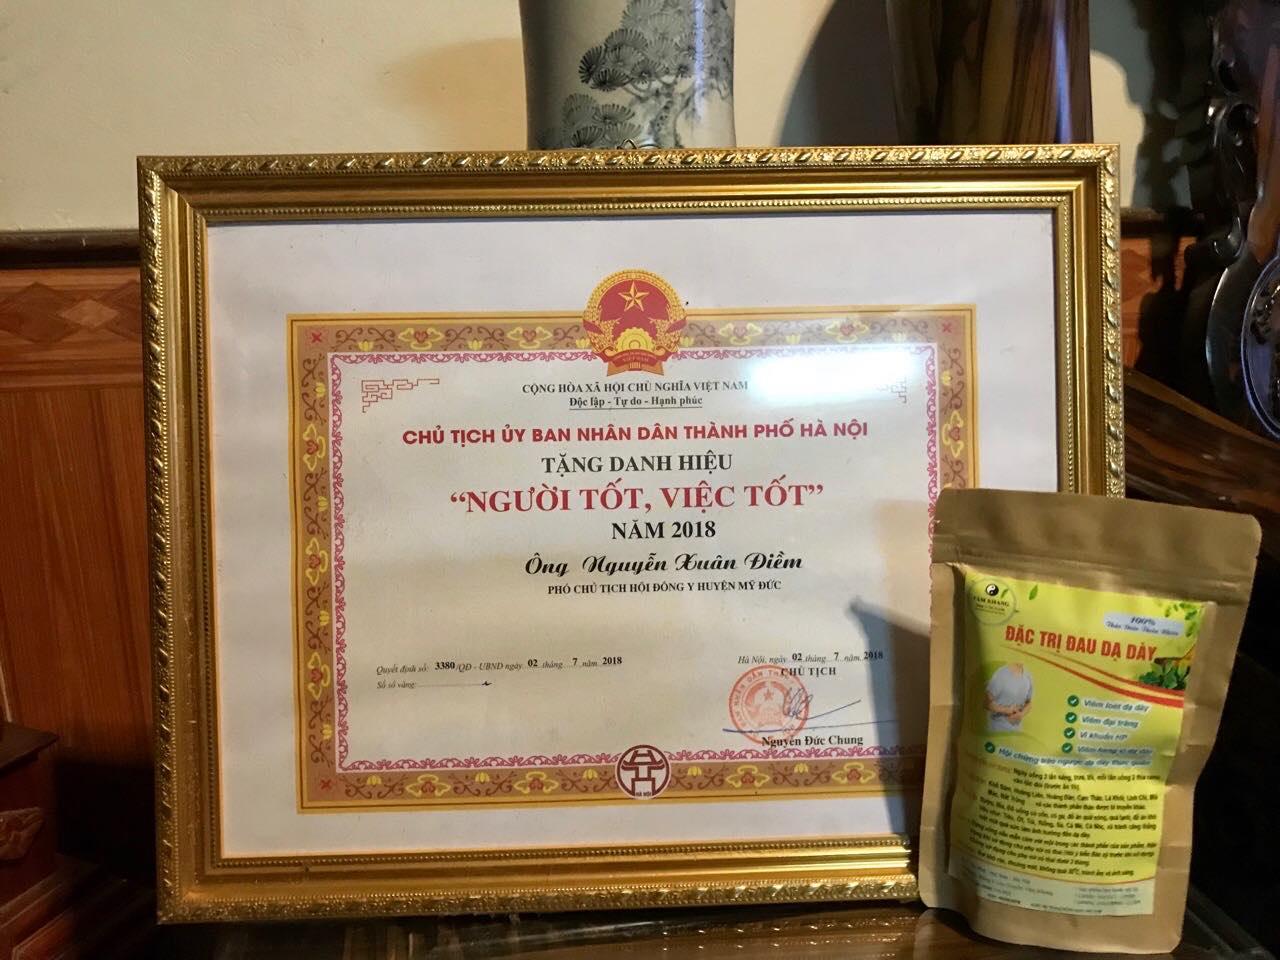 Bật mí bài thuốc đặc trị bệnh dạ dày của lương y Nguyễn Xuân Điềm  - Ảnh 4